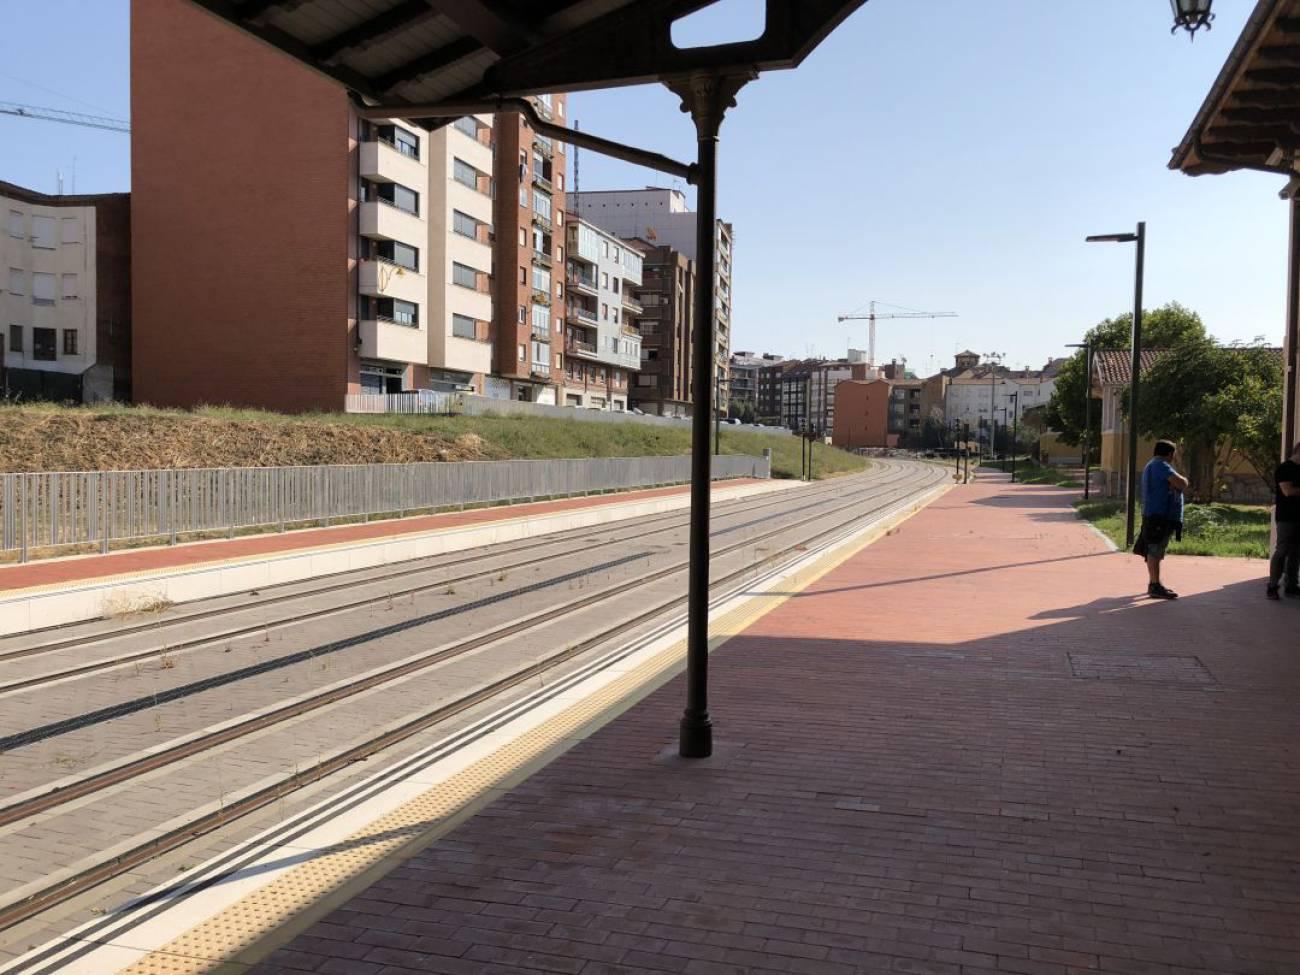 El ministro Ábalos mantiene que los trenes de FEVE llegarán al centro de León en enero de 2019